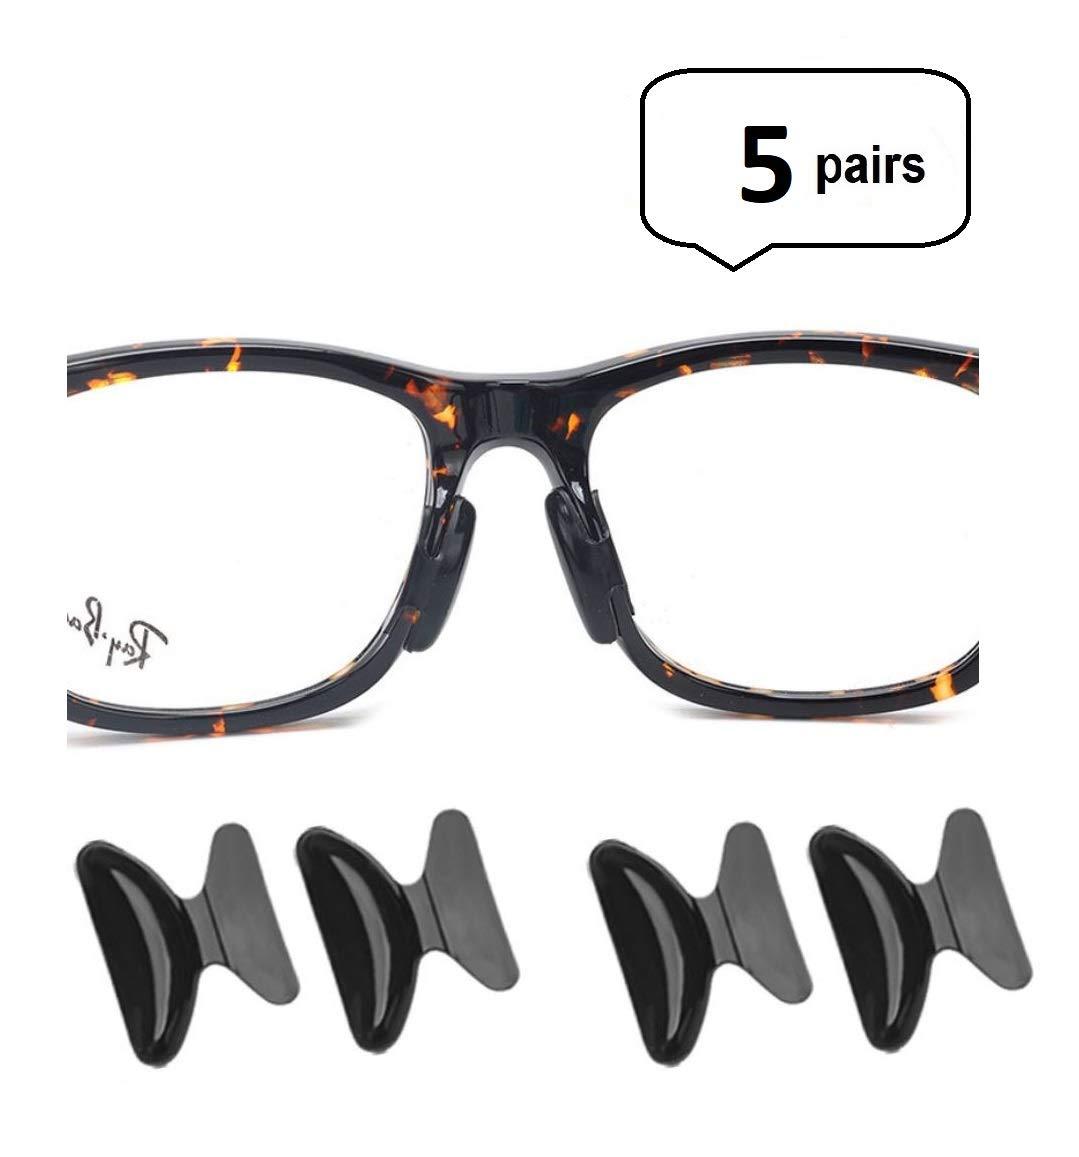 Amazon.com: AM Landen 5 pairs 1.8mm Black Non-slip Silicone Nose ...